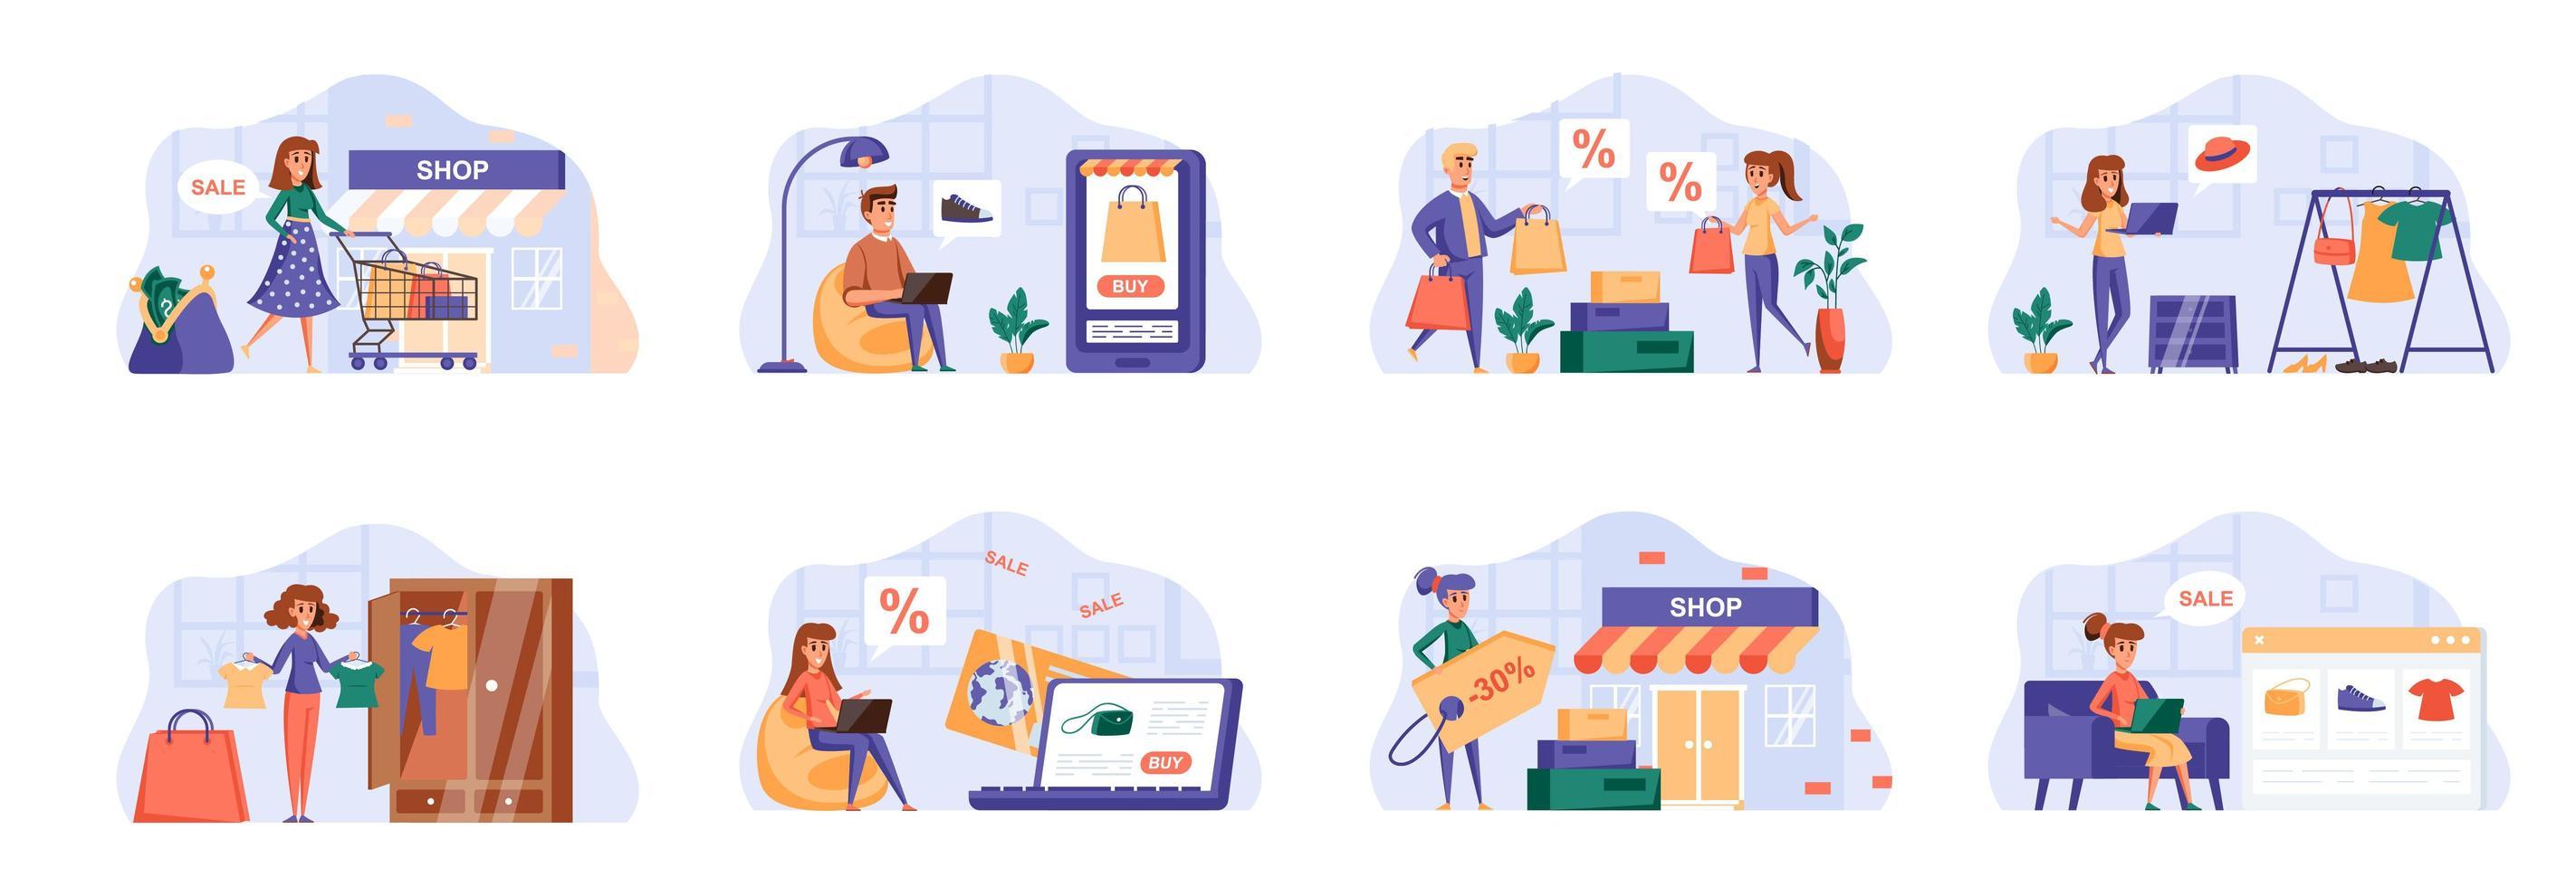 Einkaufsszenen bündeln sich mit Personencharakteren. vektor